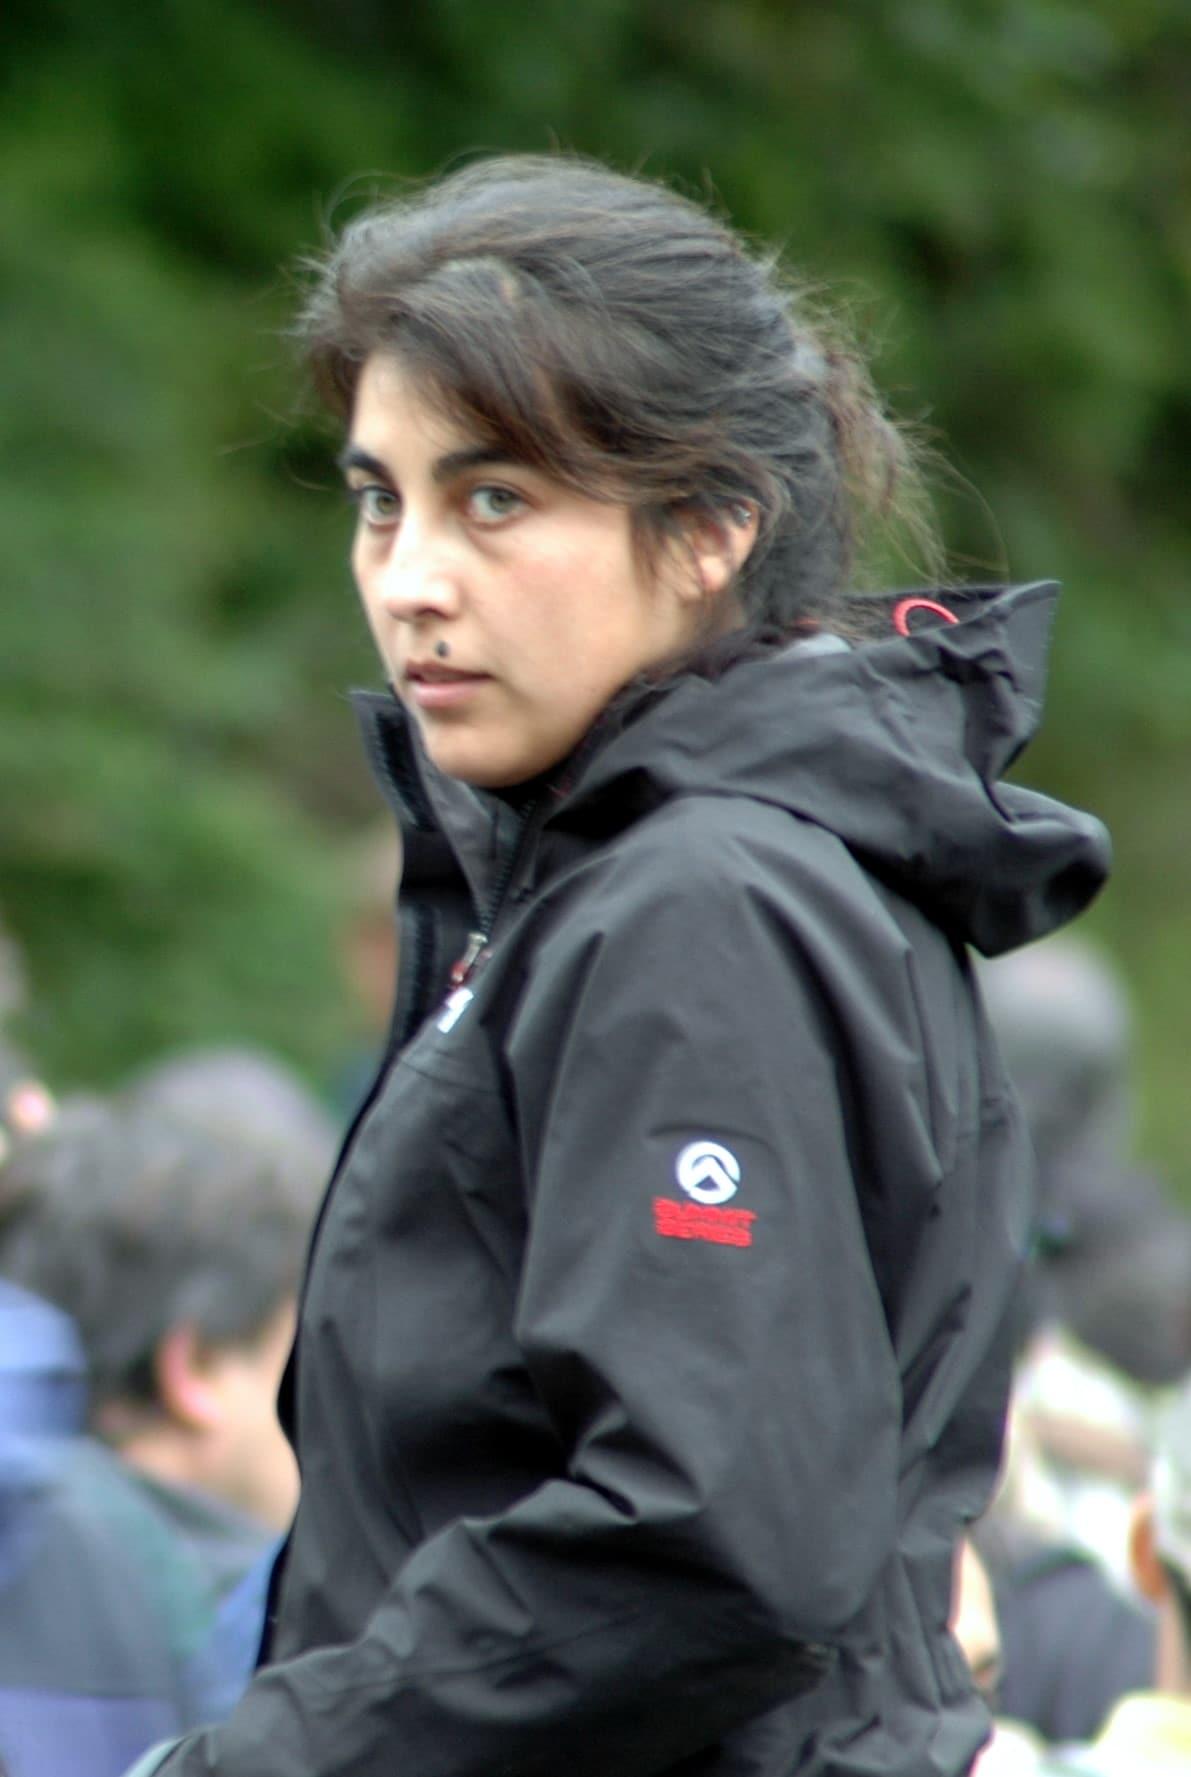 Guisella from Valdivia